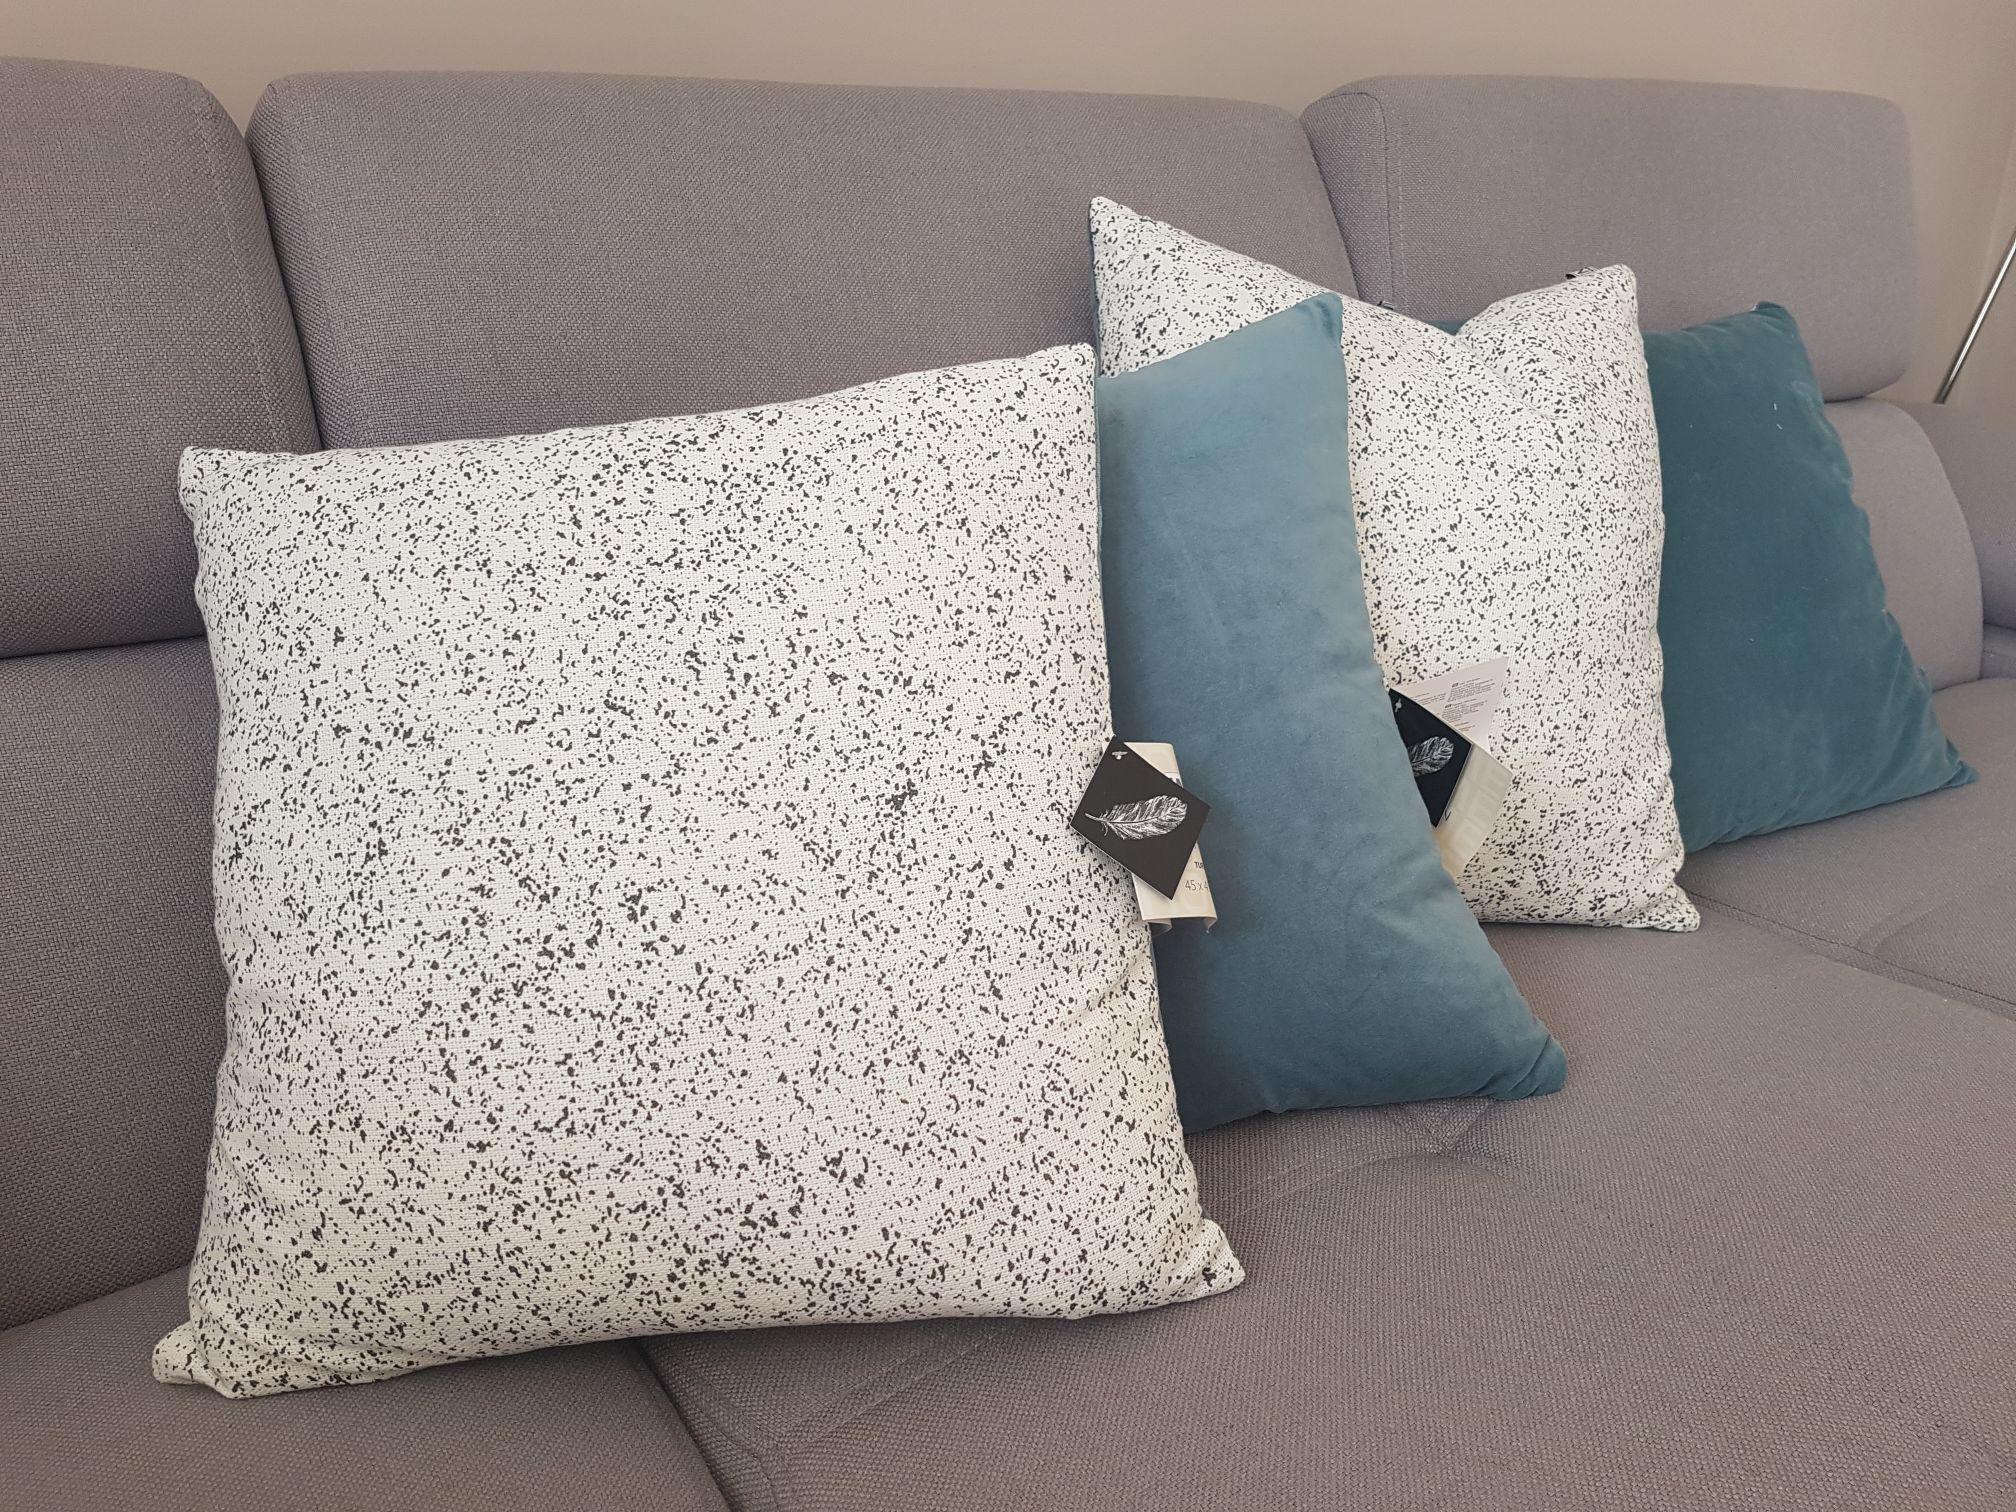 Poduszka ozdobna z pierza 100 %, poszewka 100 % bawełna